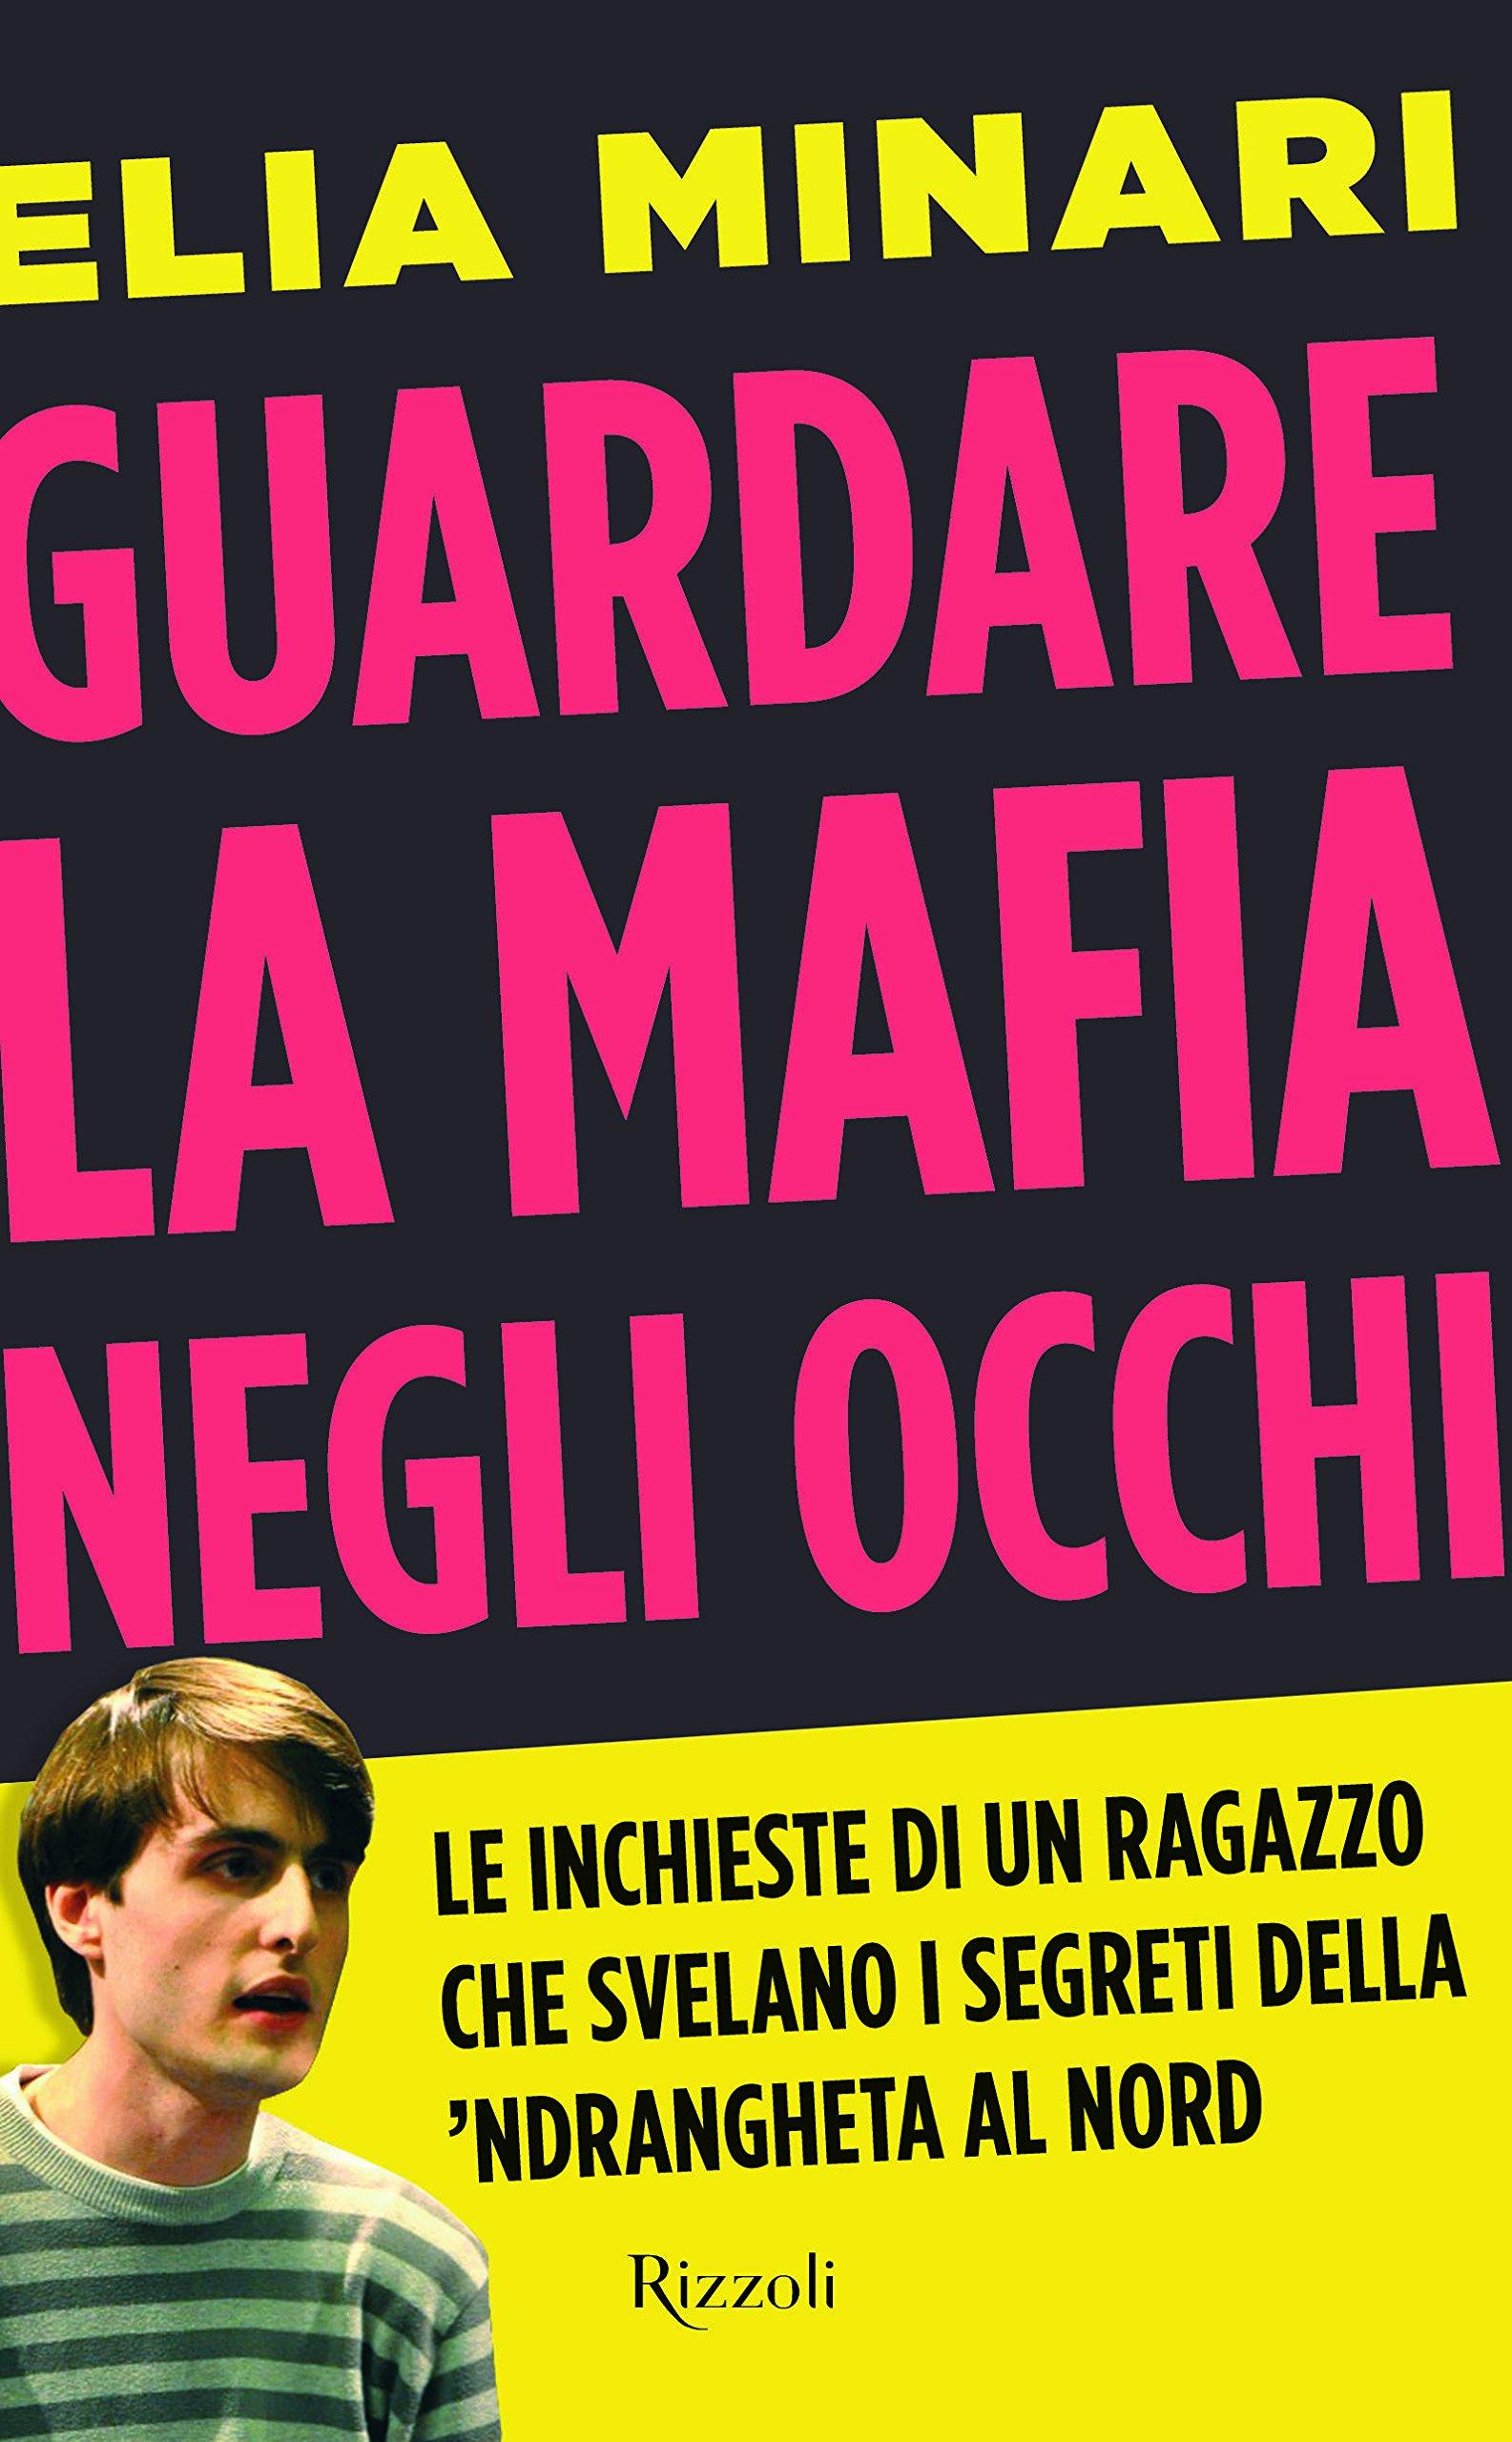 Guardare la mafia negli occhi. Le inchieste di un ragazzo che svelano i segreti della 'ndrangheta al Nord